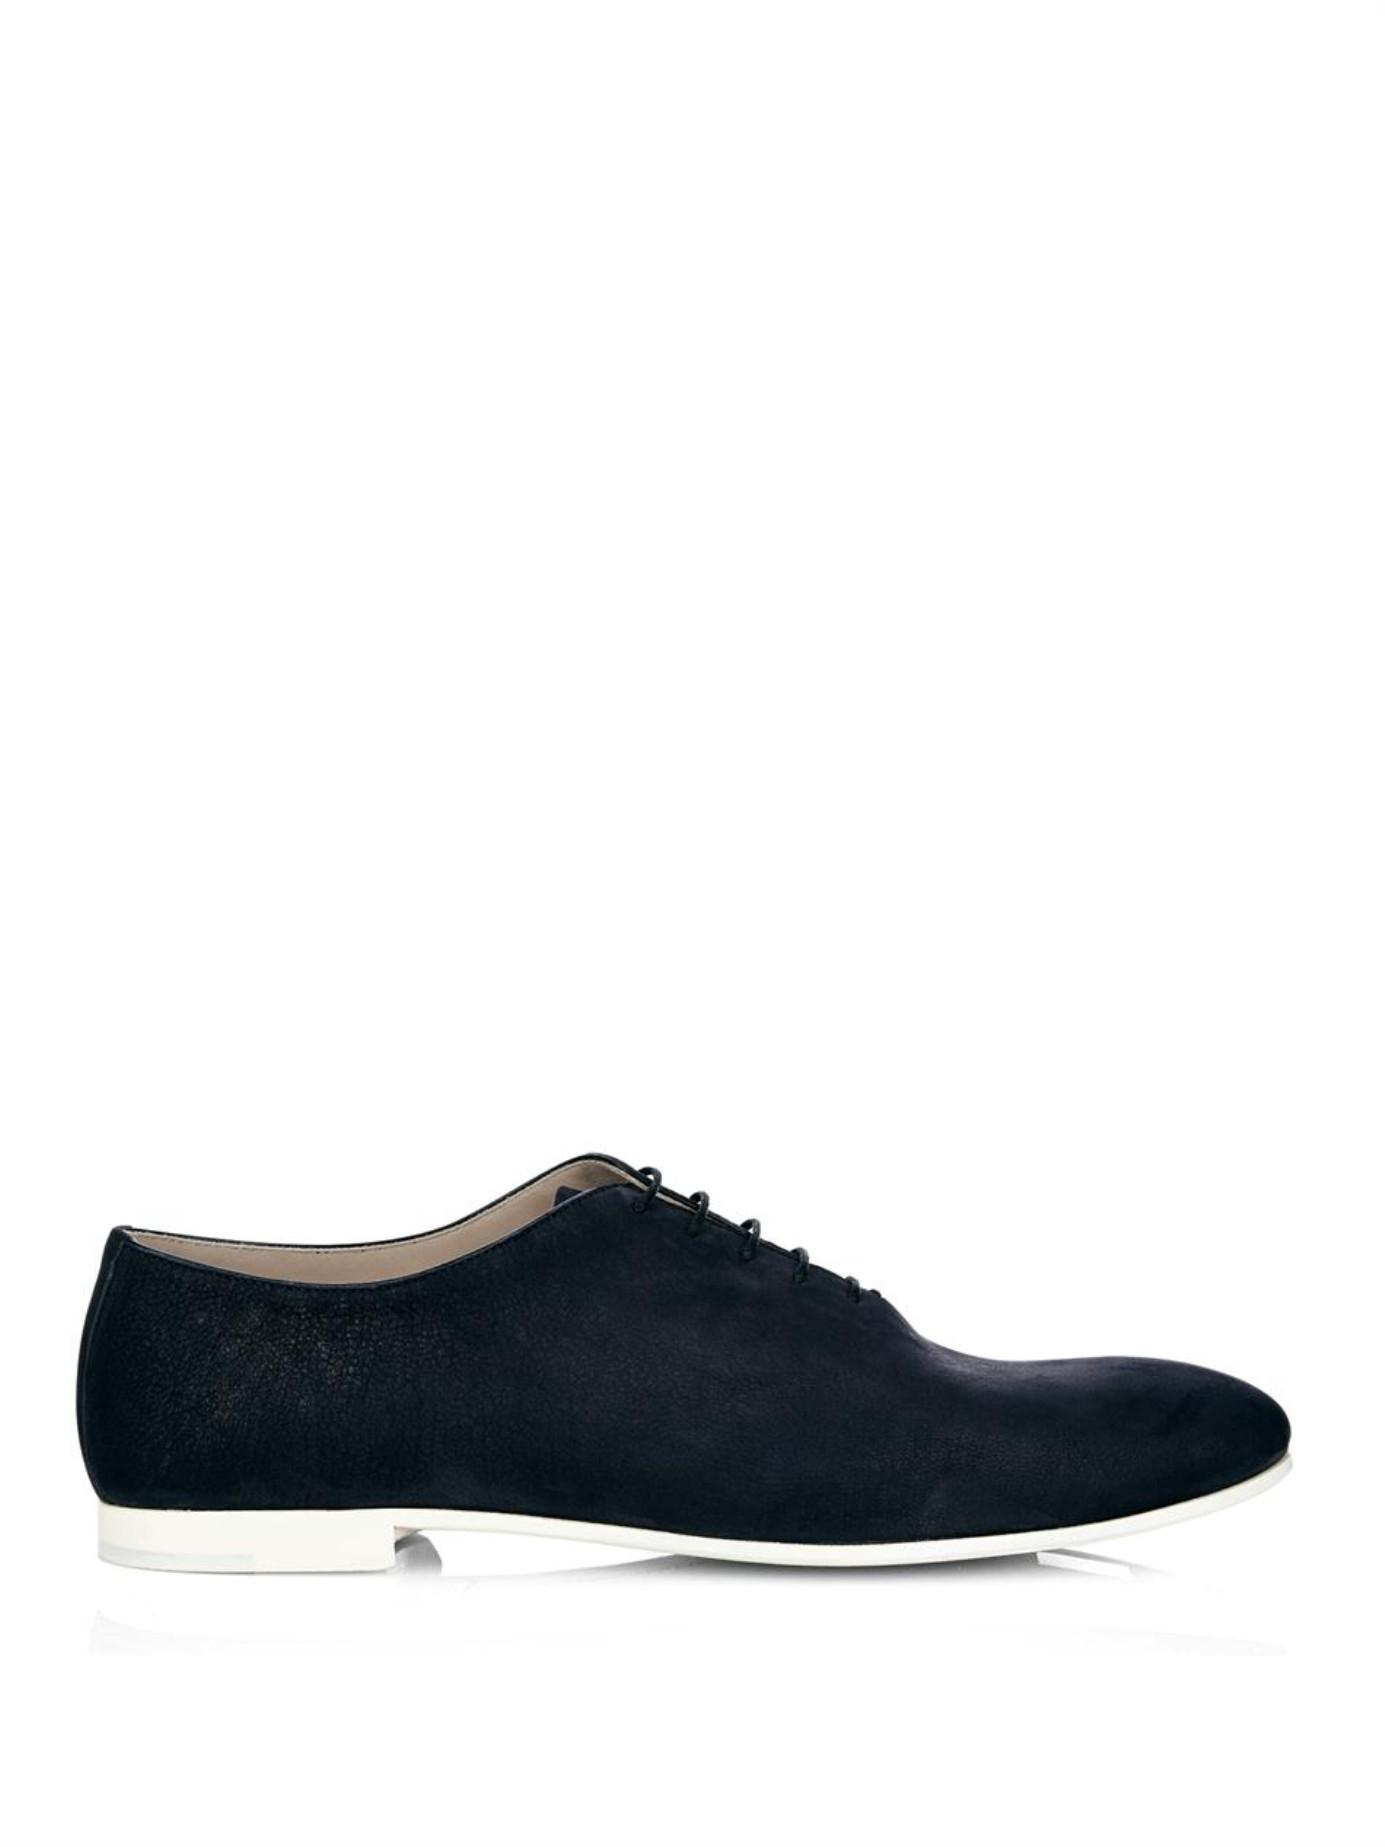 Bottega Veneta Velvet Leather Oxford Shoes In Blue For Men ...